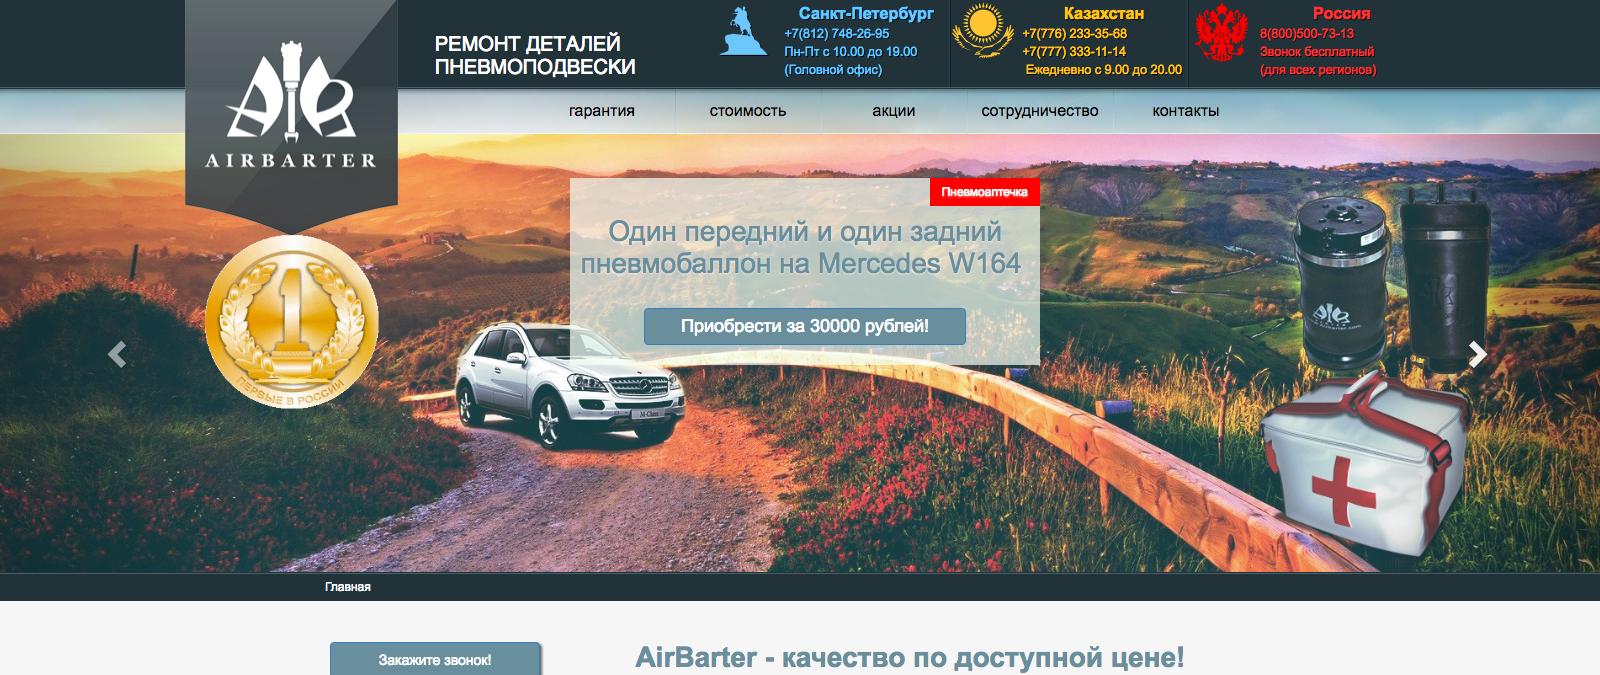 сочетание цветов для баннеров на сайте a25.ru